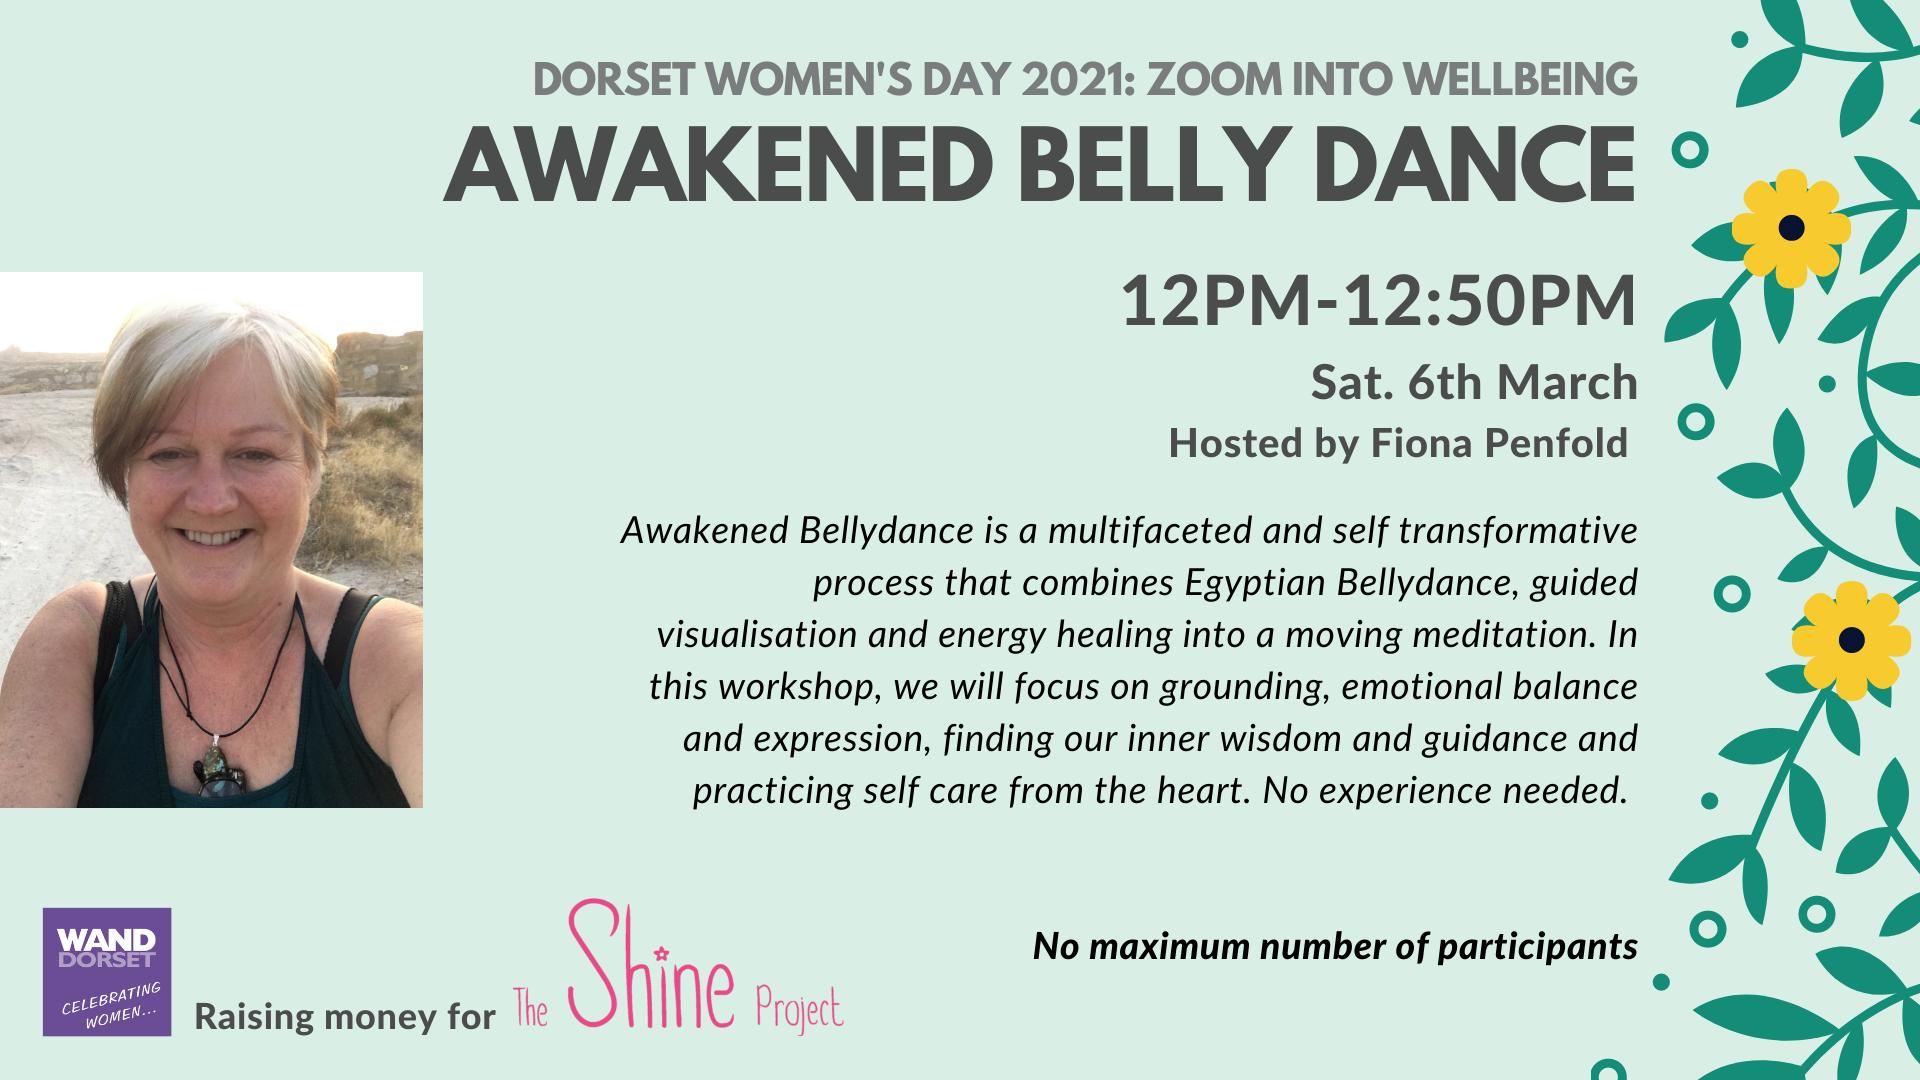 Dorset Women's Day 2021: Awakened Belly Dance